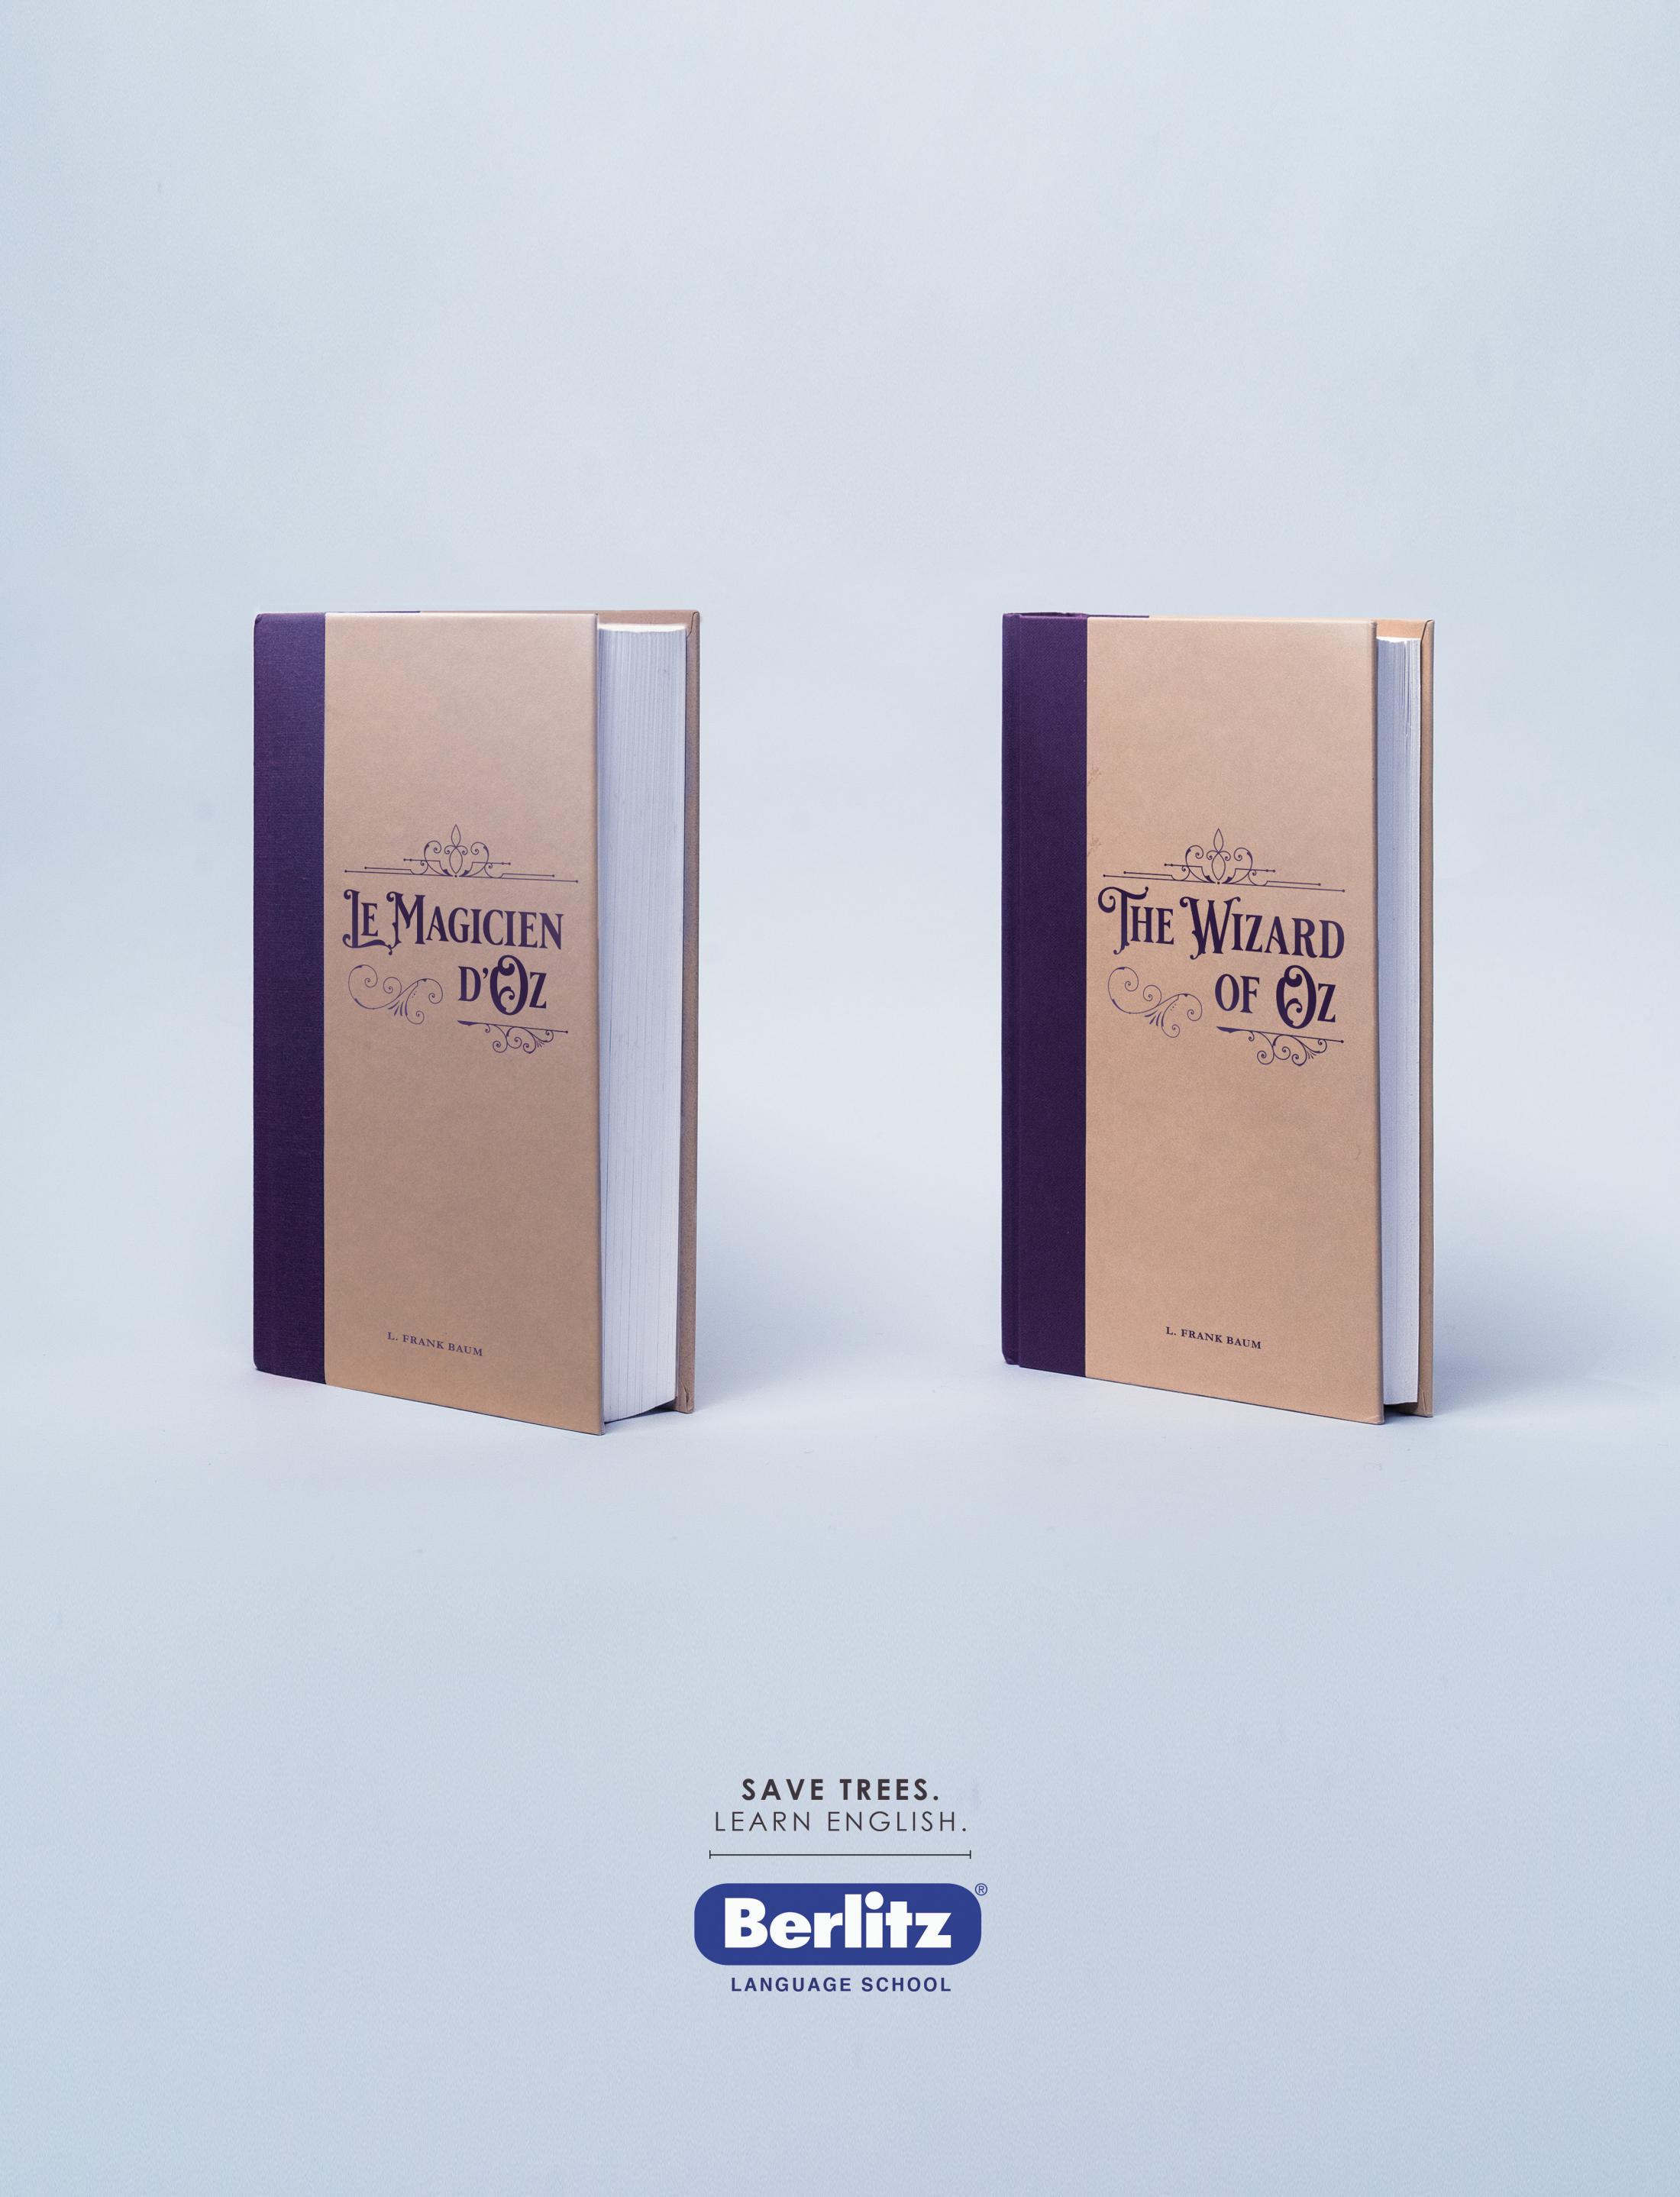 Berlitz Print Ad - Oz